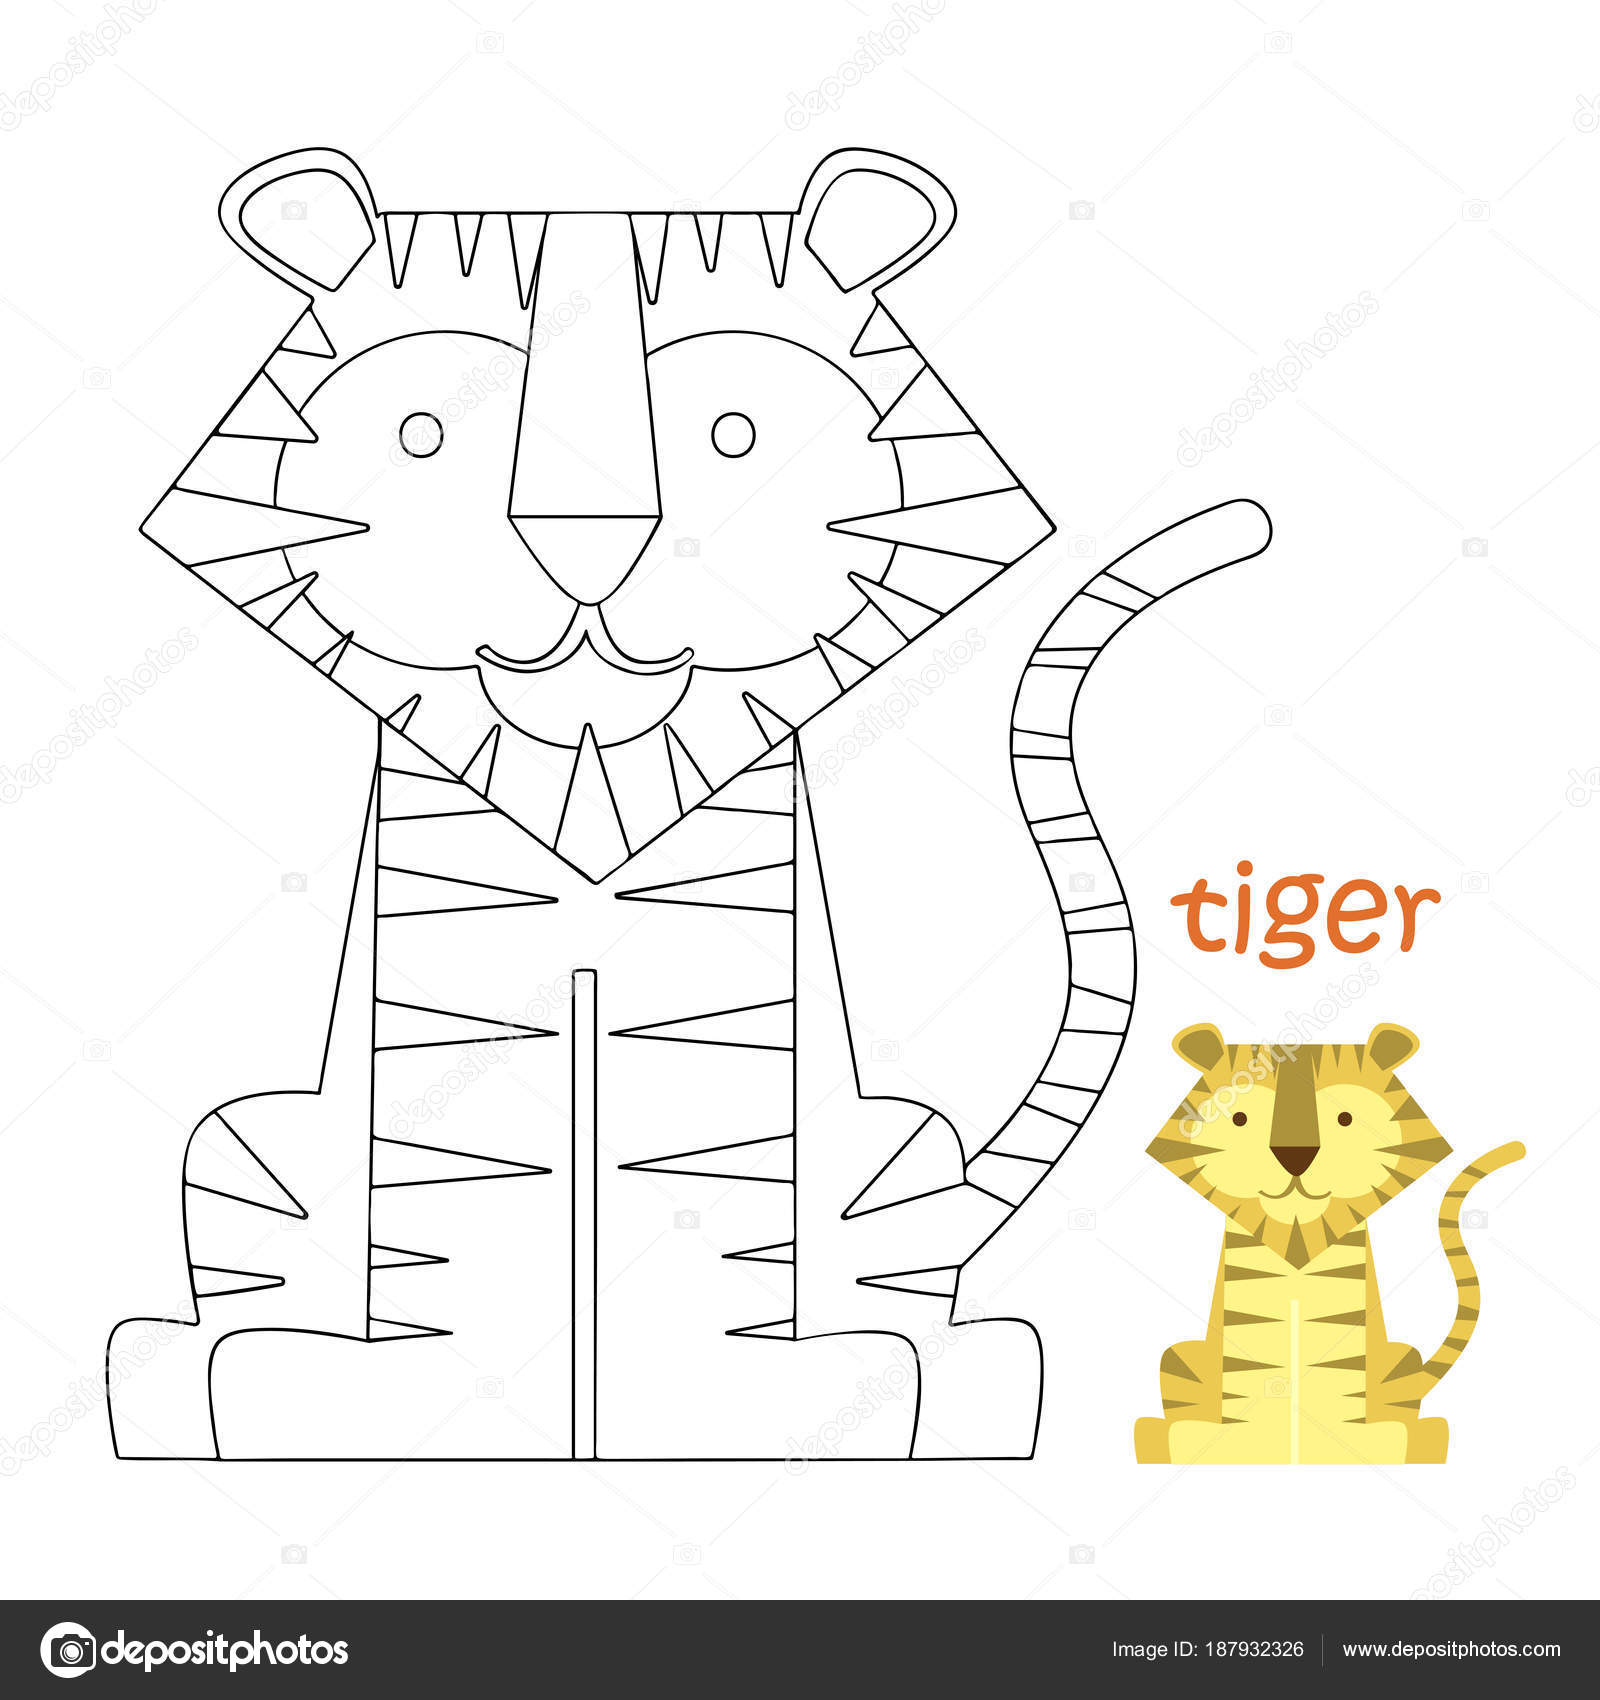 Kids Kleurplaten Pagina Tijger Stockvector C Ollegn 187932326